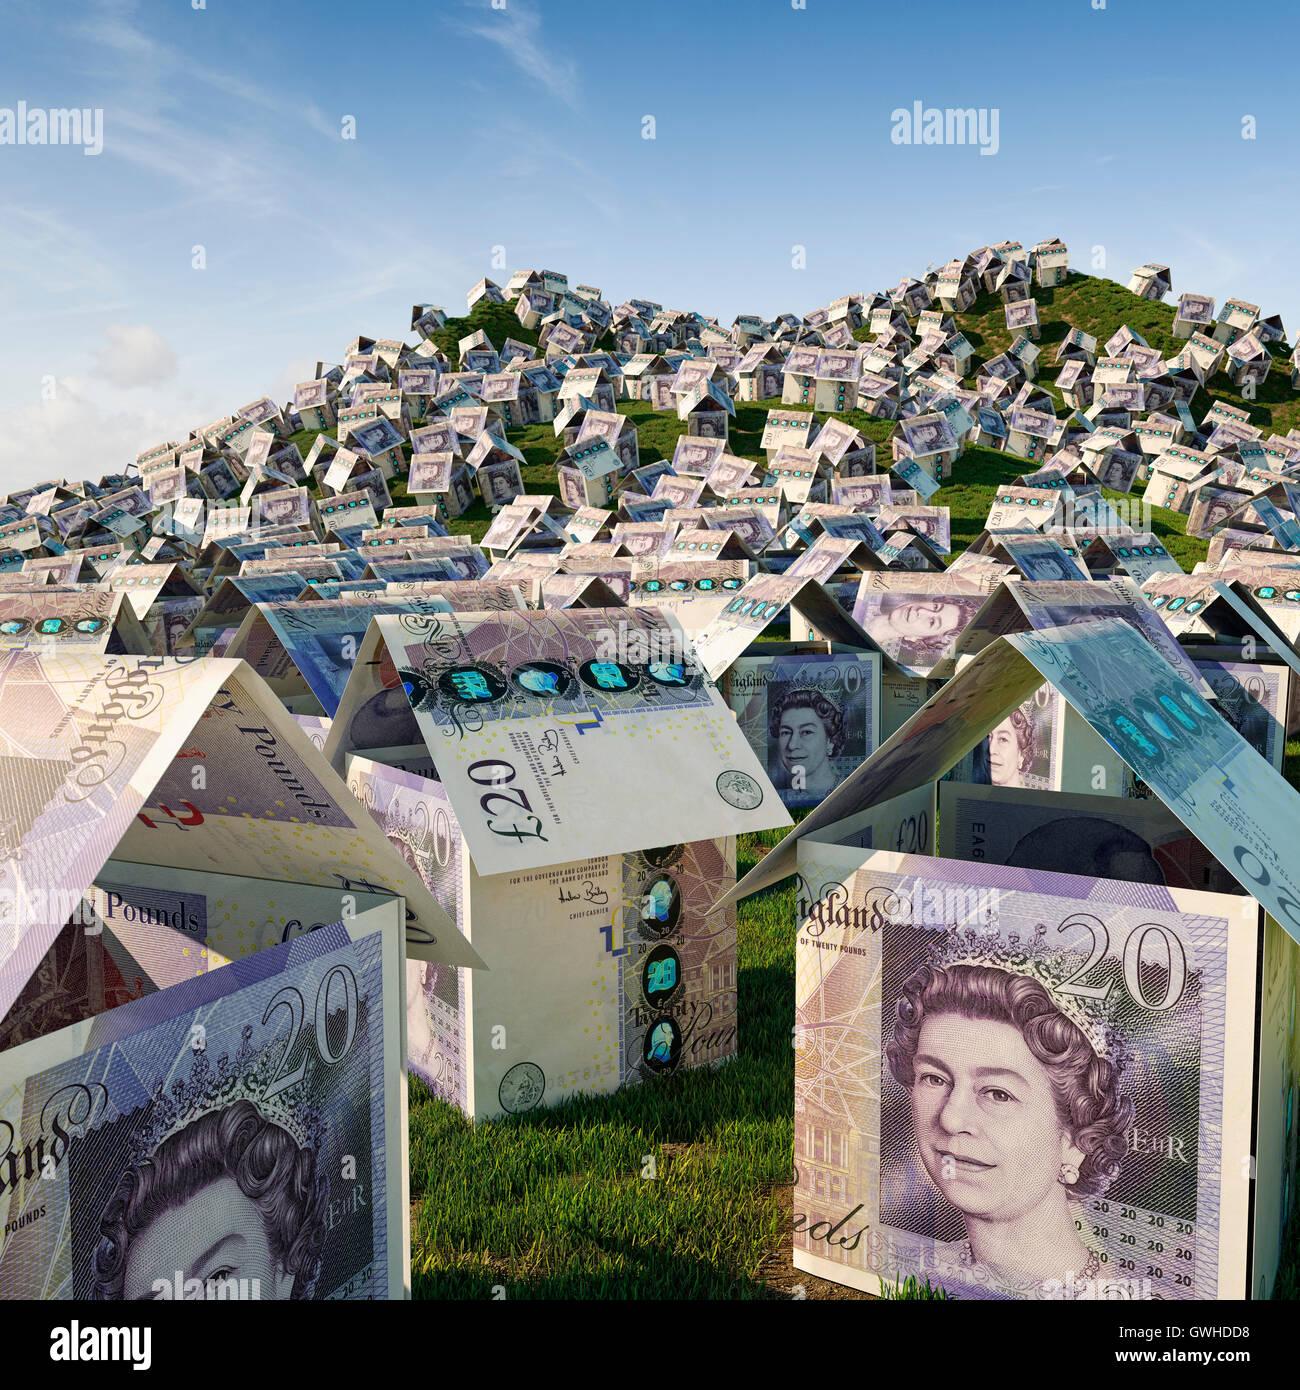 UK Immobilienkrise-Haus Konzept, Haus Preise und Wohnsiedlung Entwicklung Konzept Stockbild